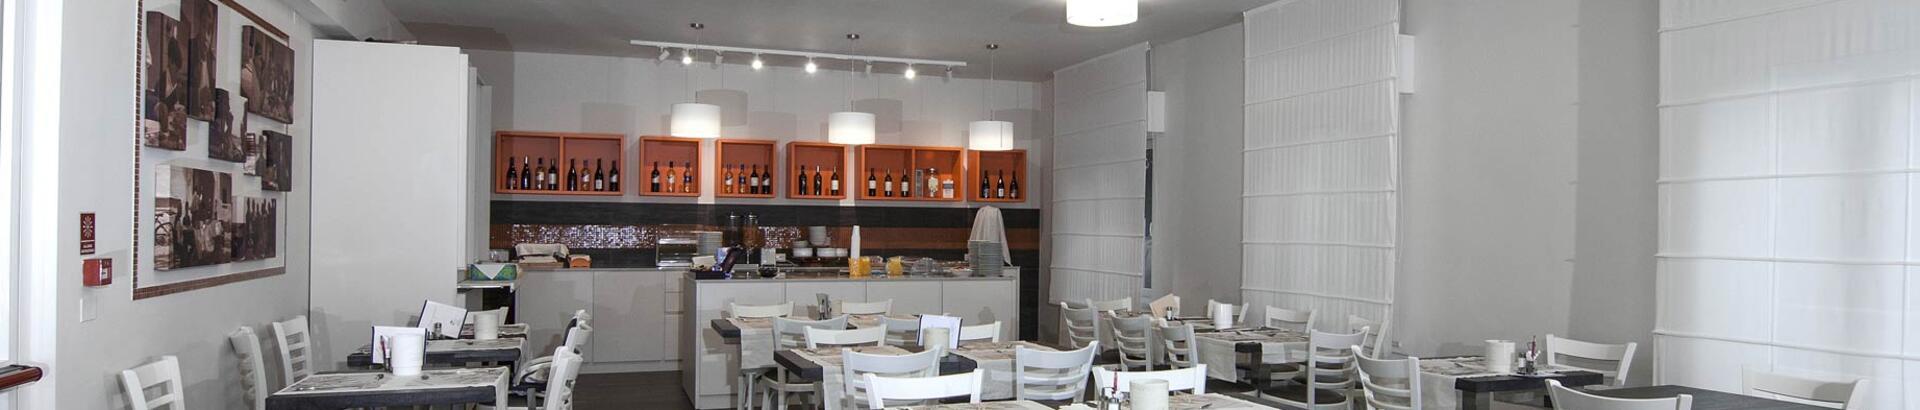 hotelcasablanca it vacanze-mare 004